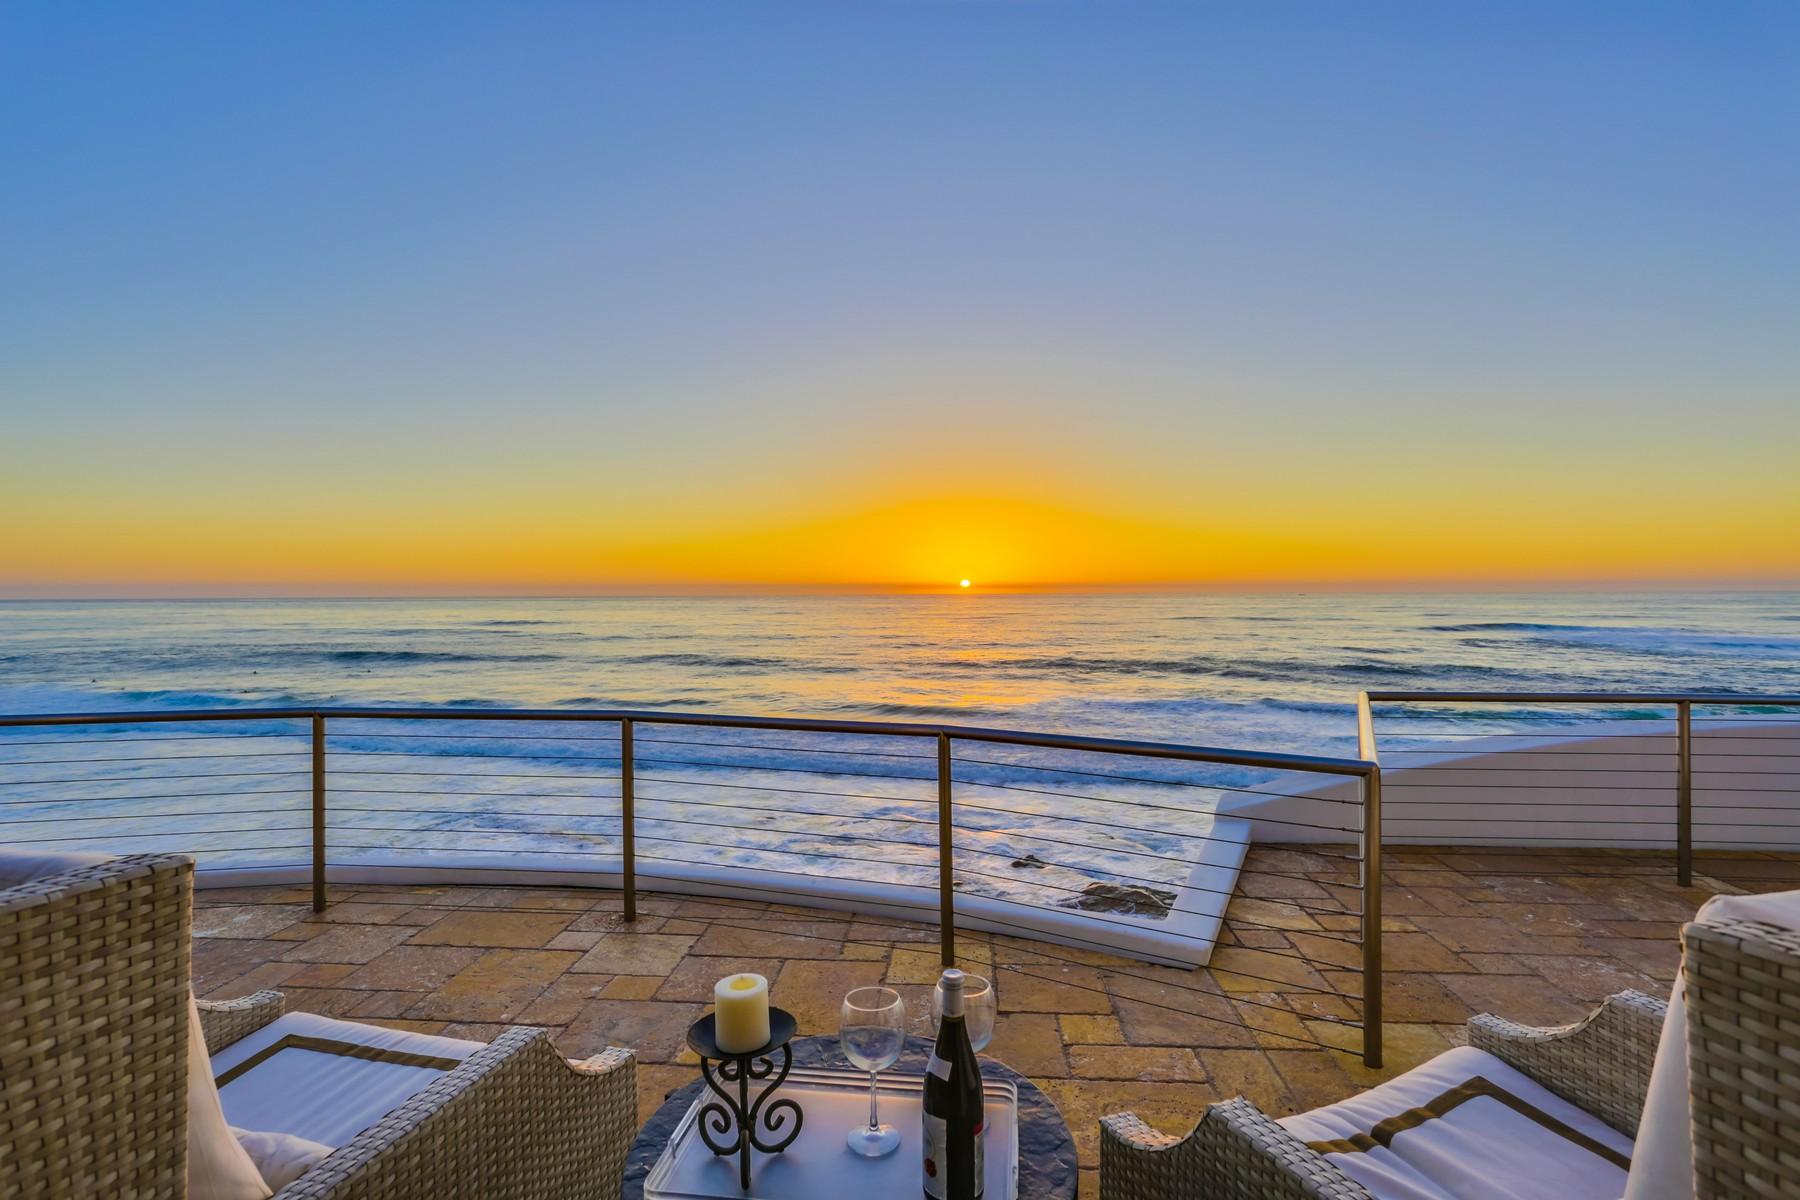 Single Family Home for Sale at 7400 Vista Del Mar La Jolla, California 92037 United States